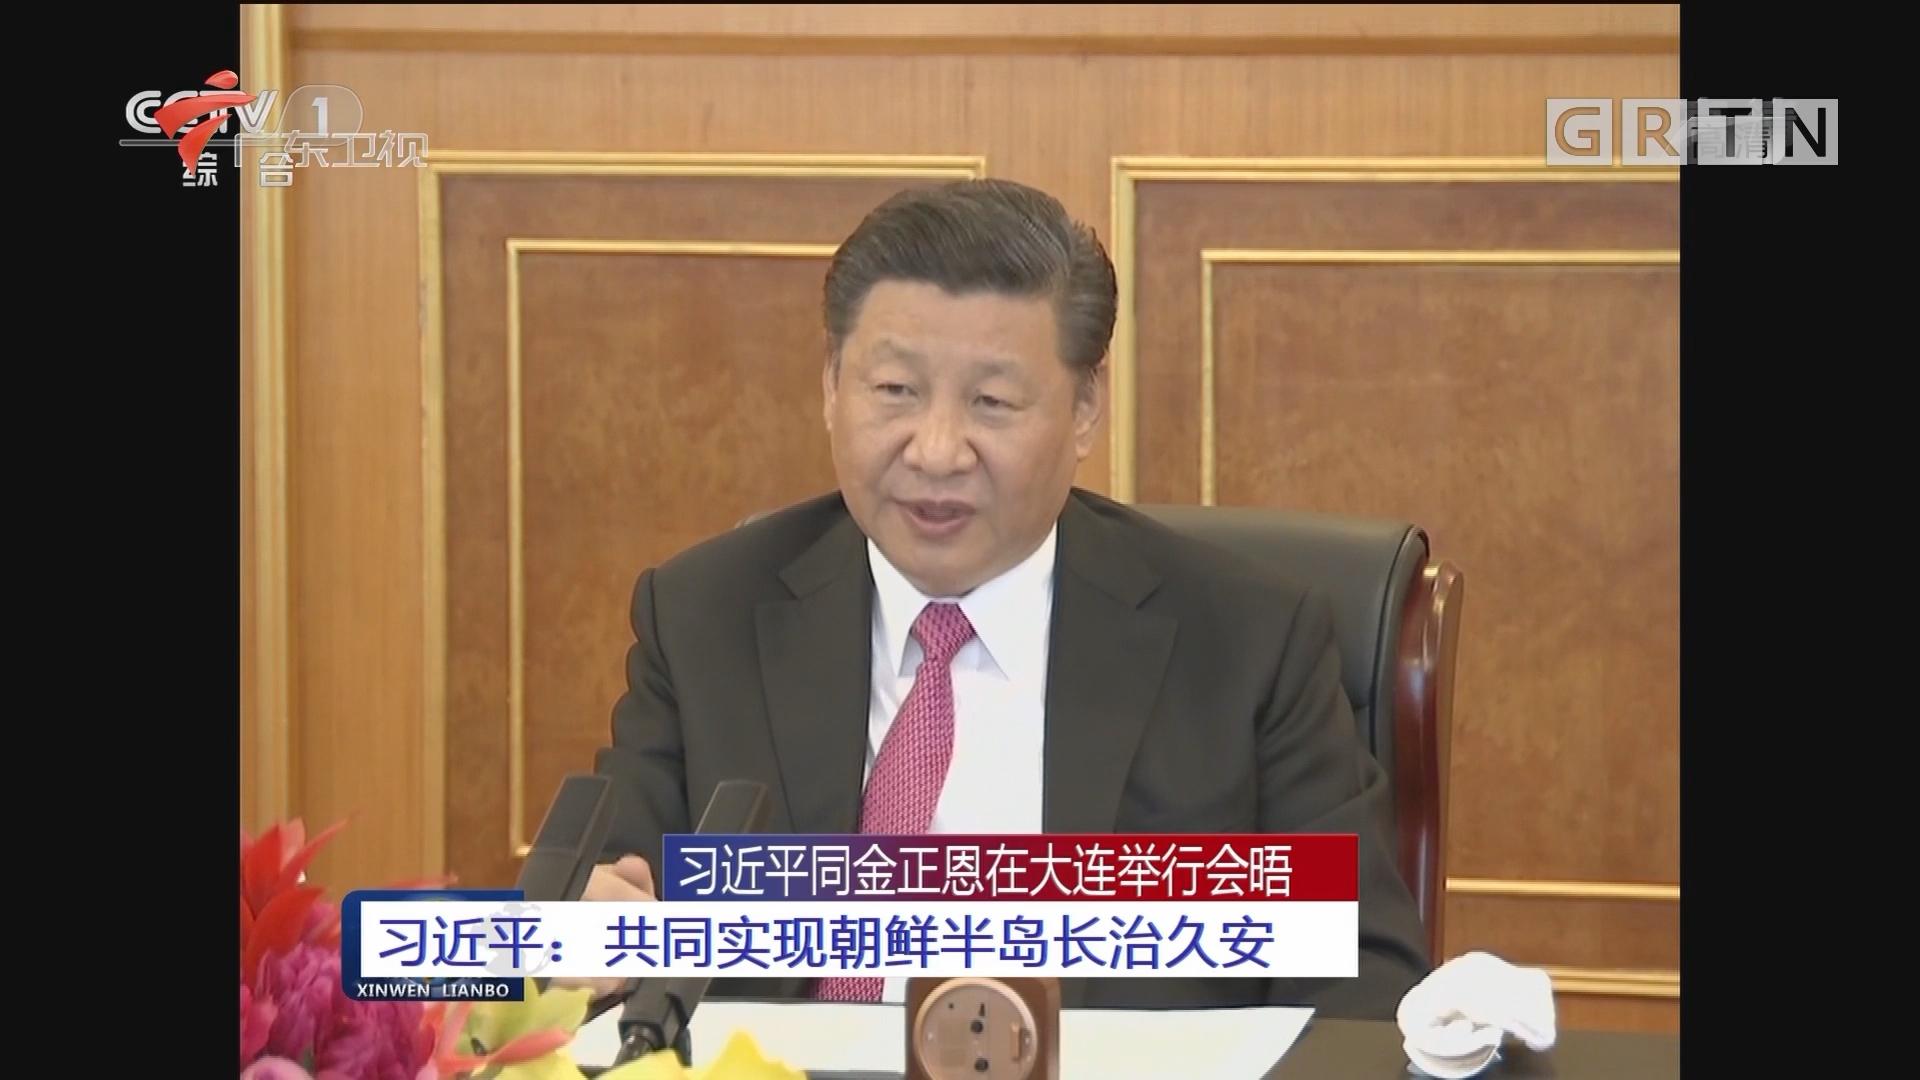 习近平同金正恩在大连举行会晤 习近平:共同实现朝鲜半岛长治久安